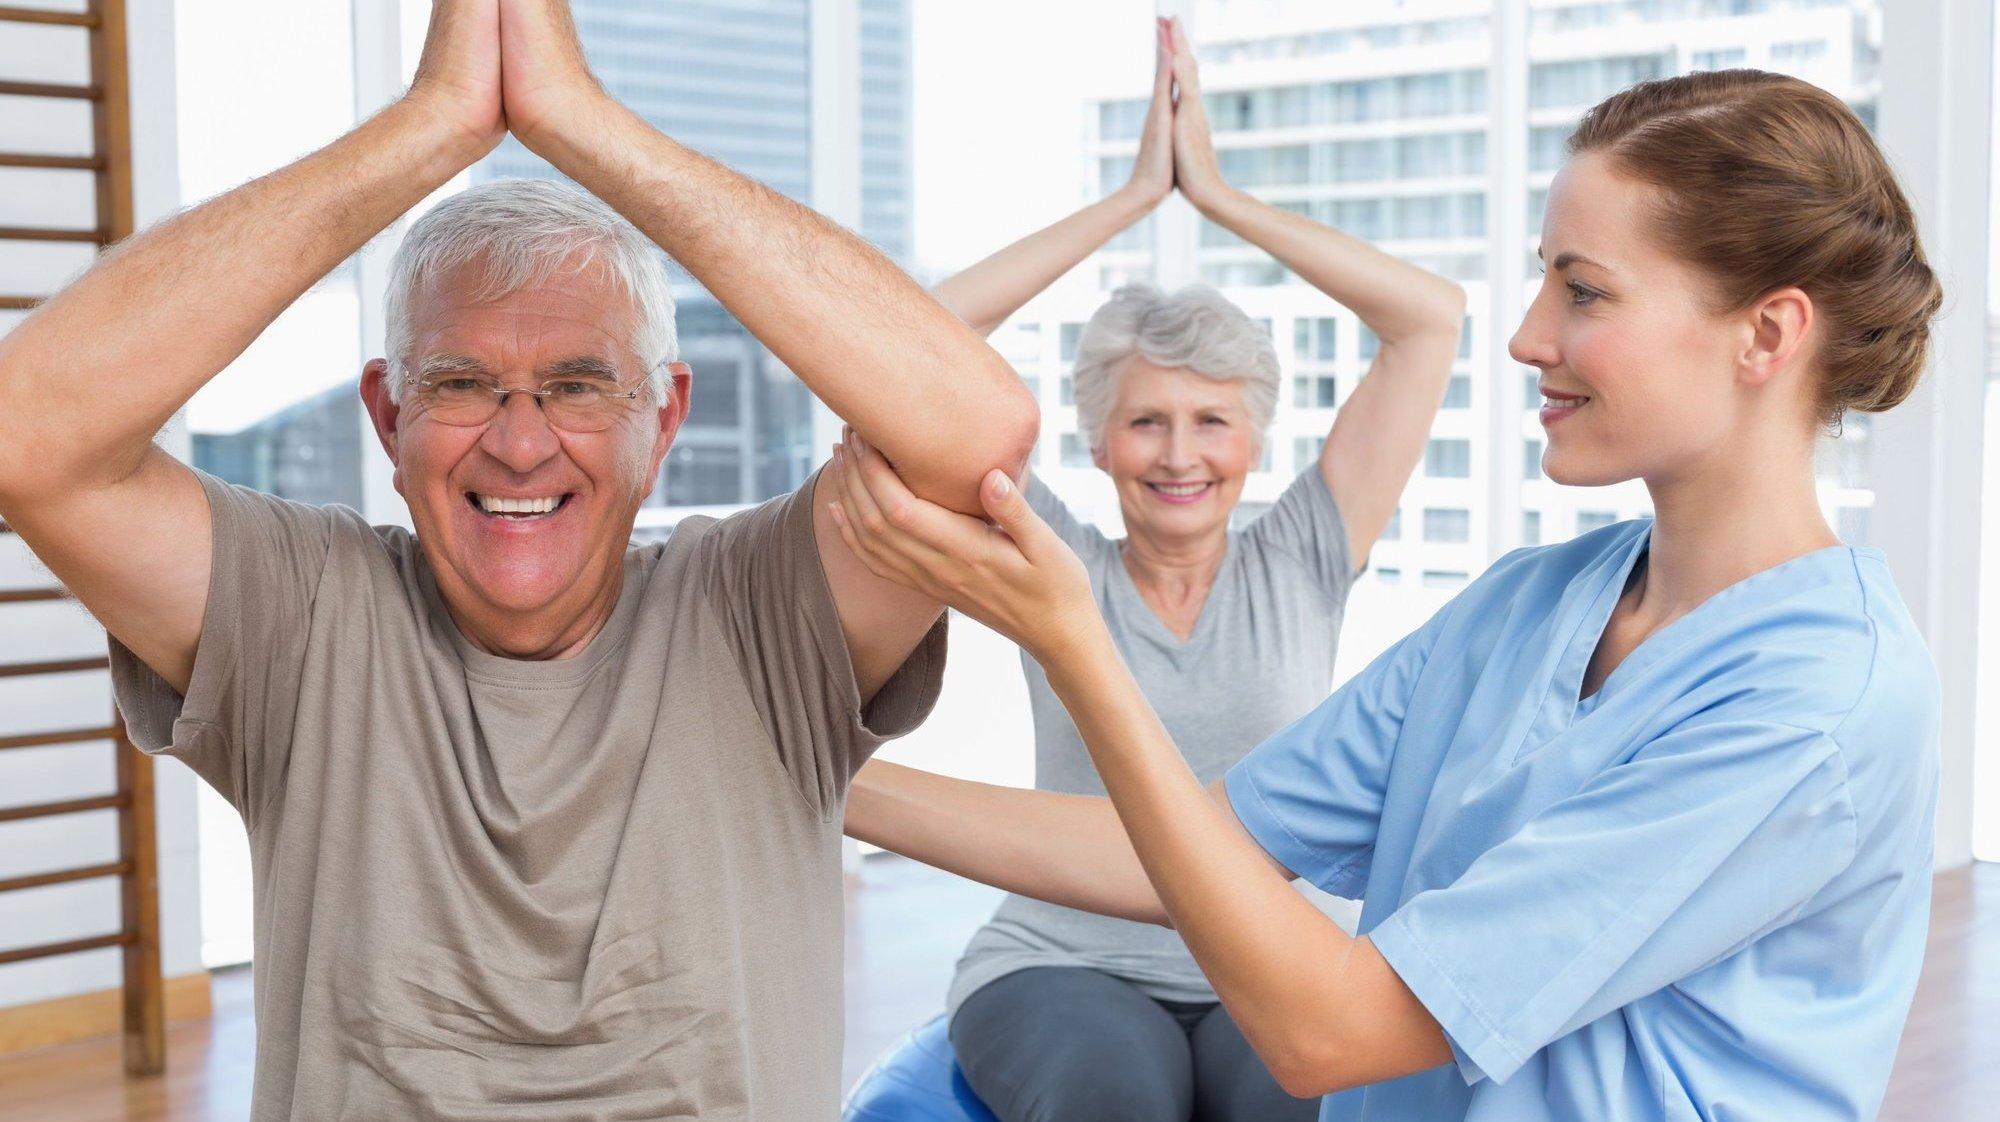 Des bienfaits d'une alimentation saine et d'une activité physique